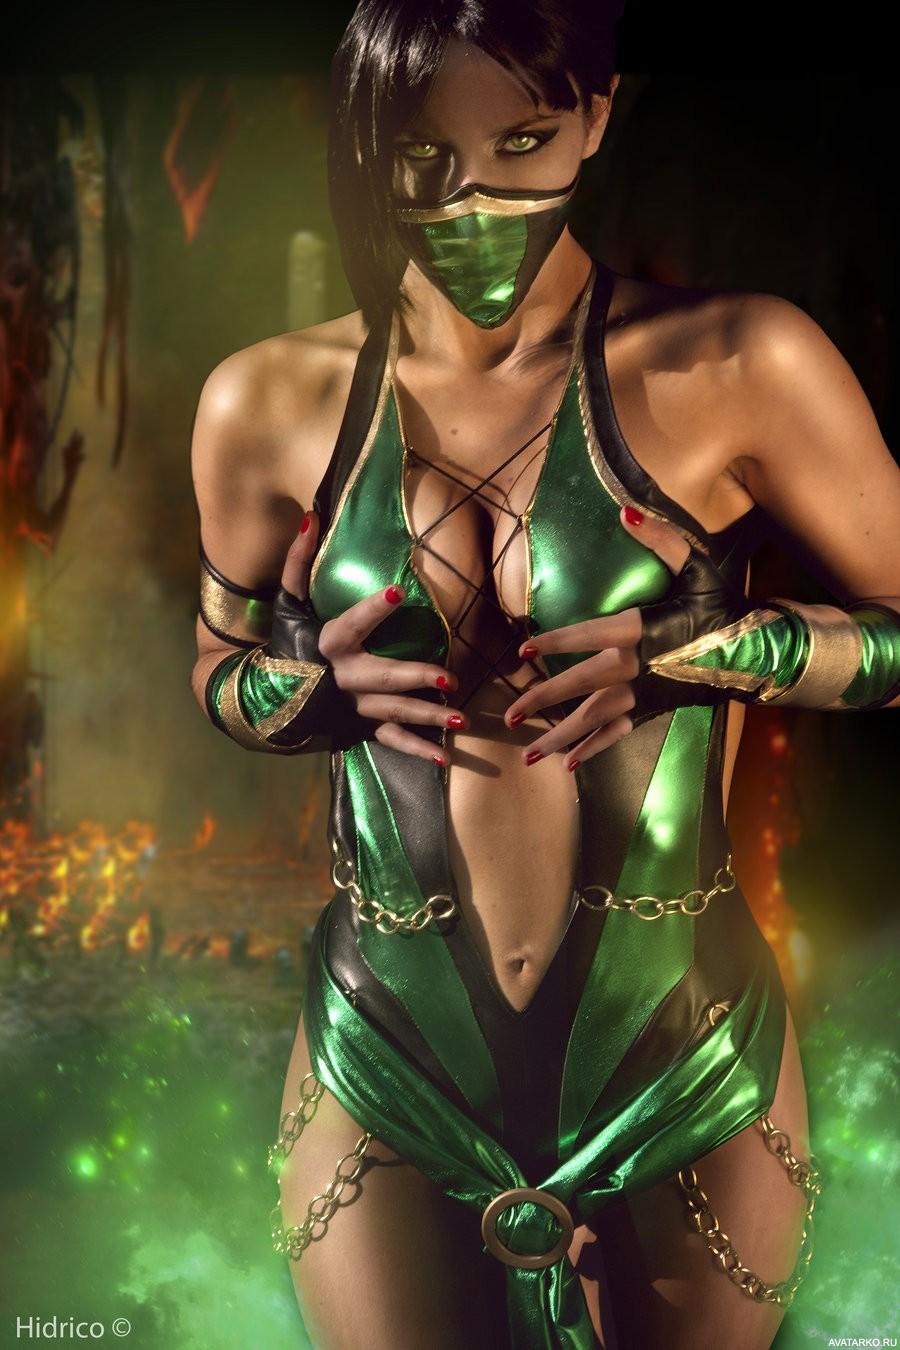 Pics of jade in mortal kombat 9  erotic images